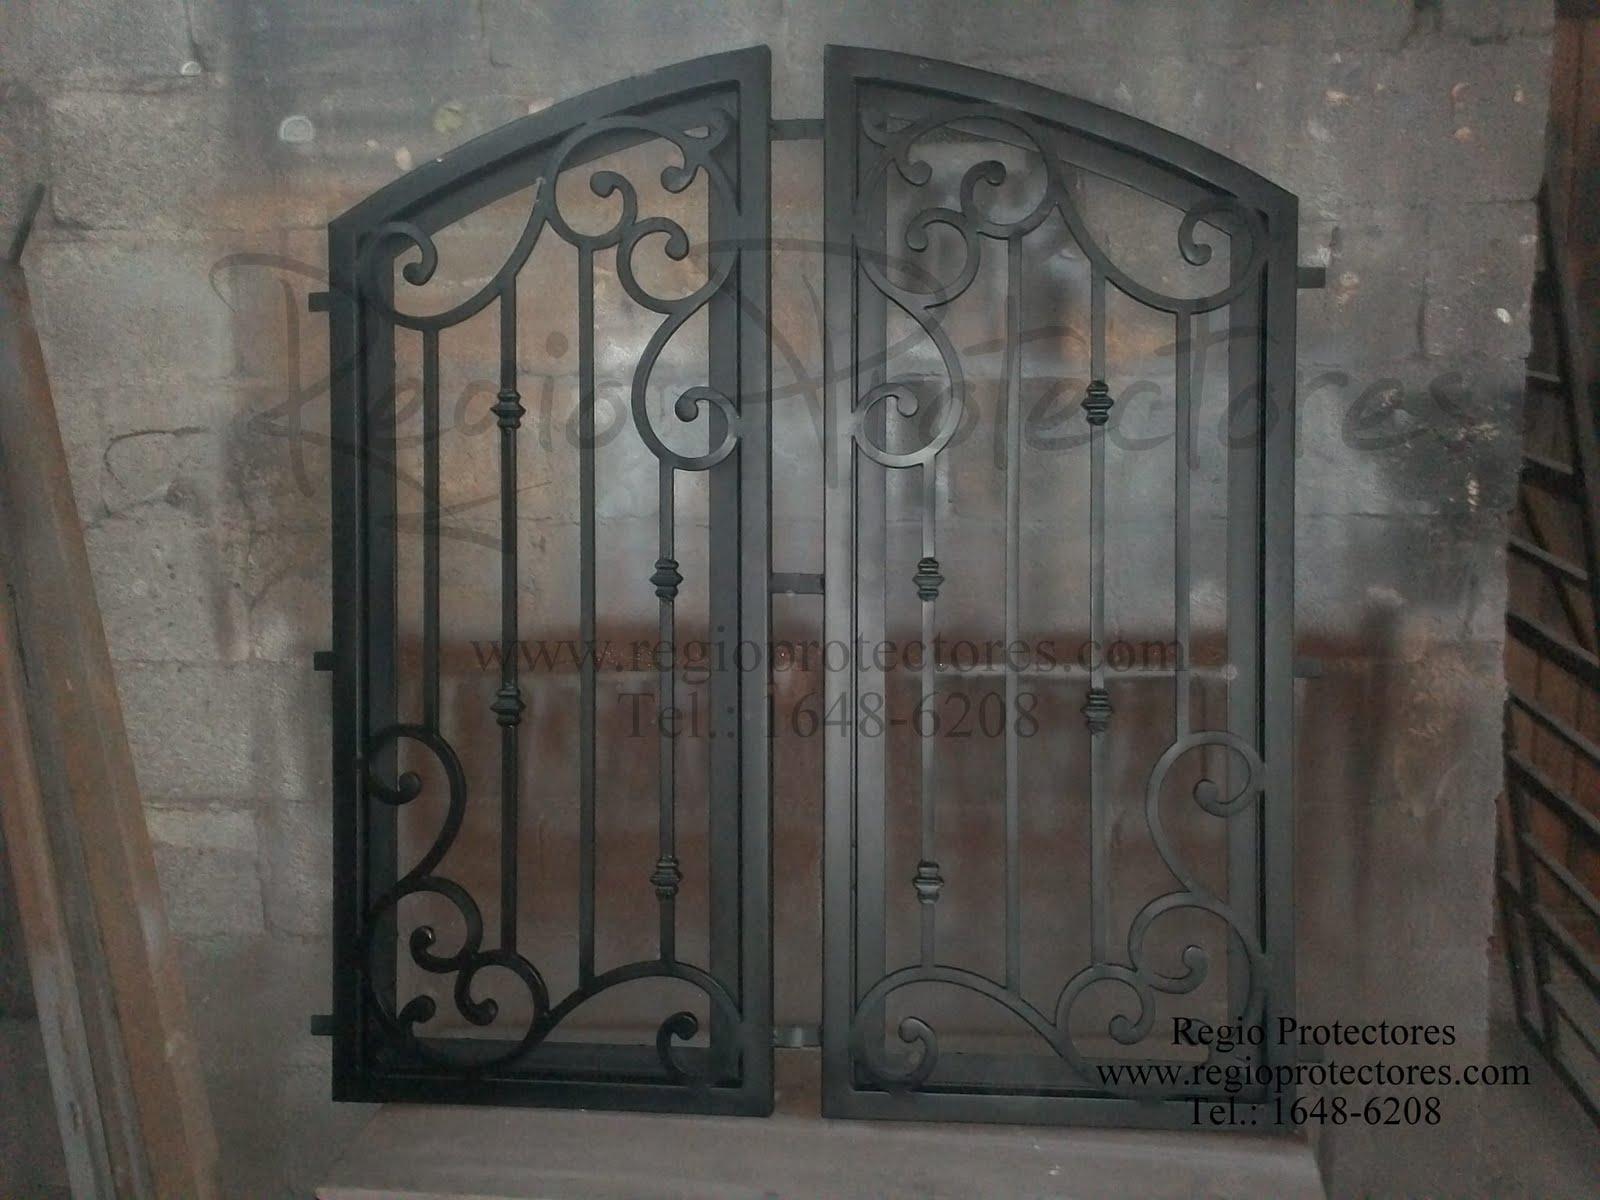 ... : Insertos de hierro forjado para puerta de madera, Celaya, Gto